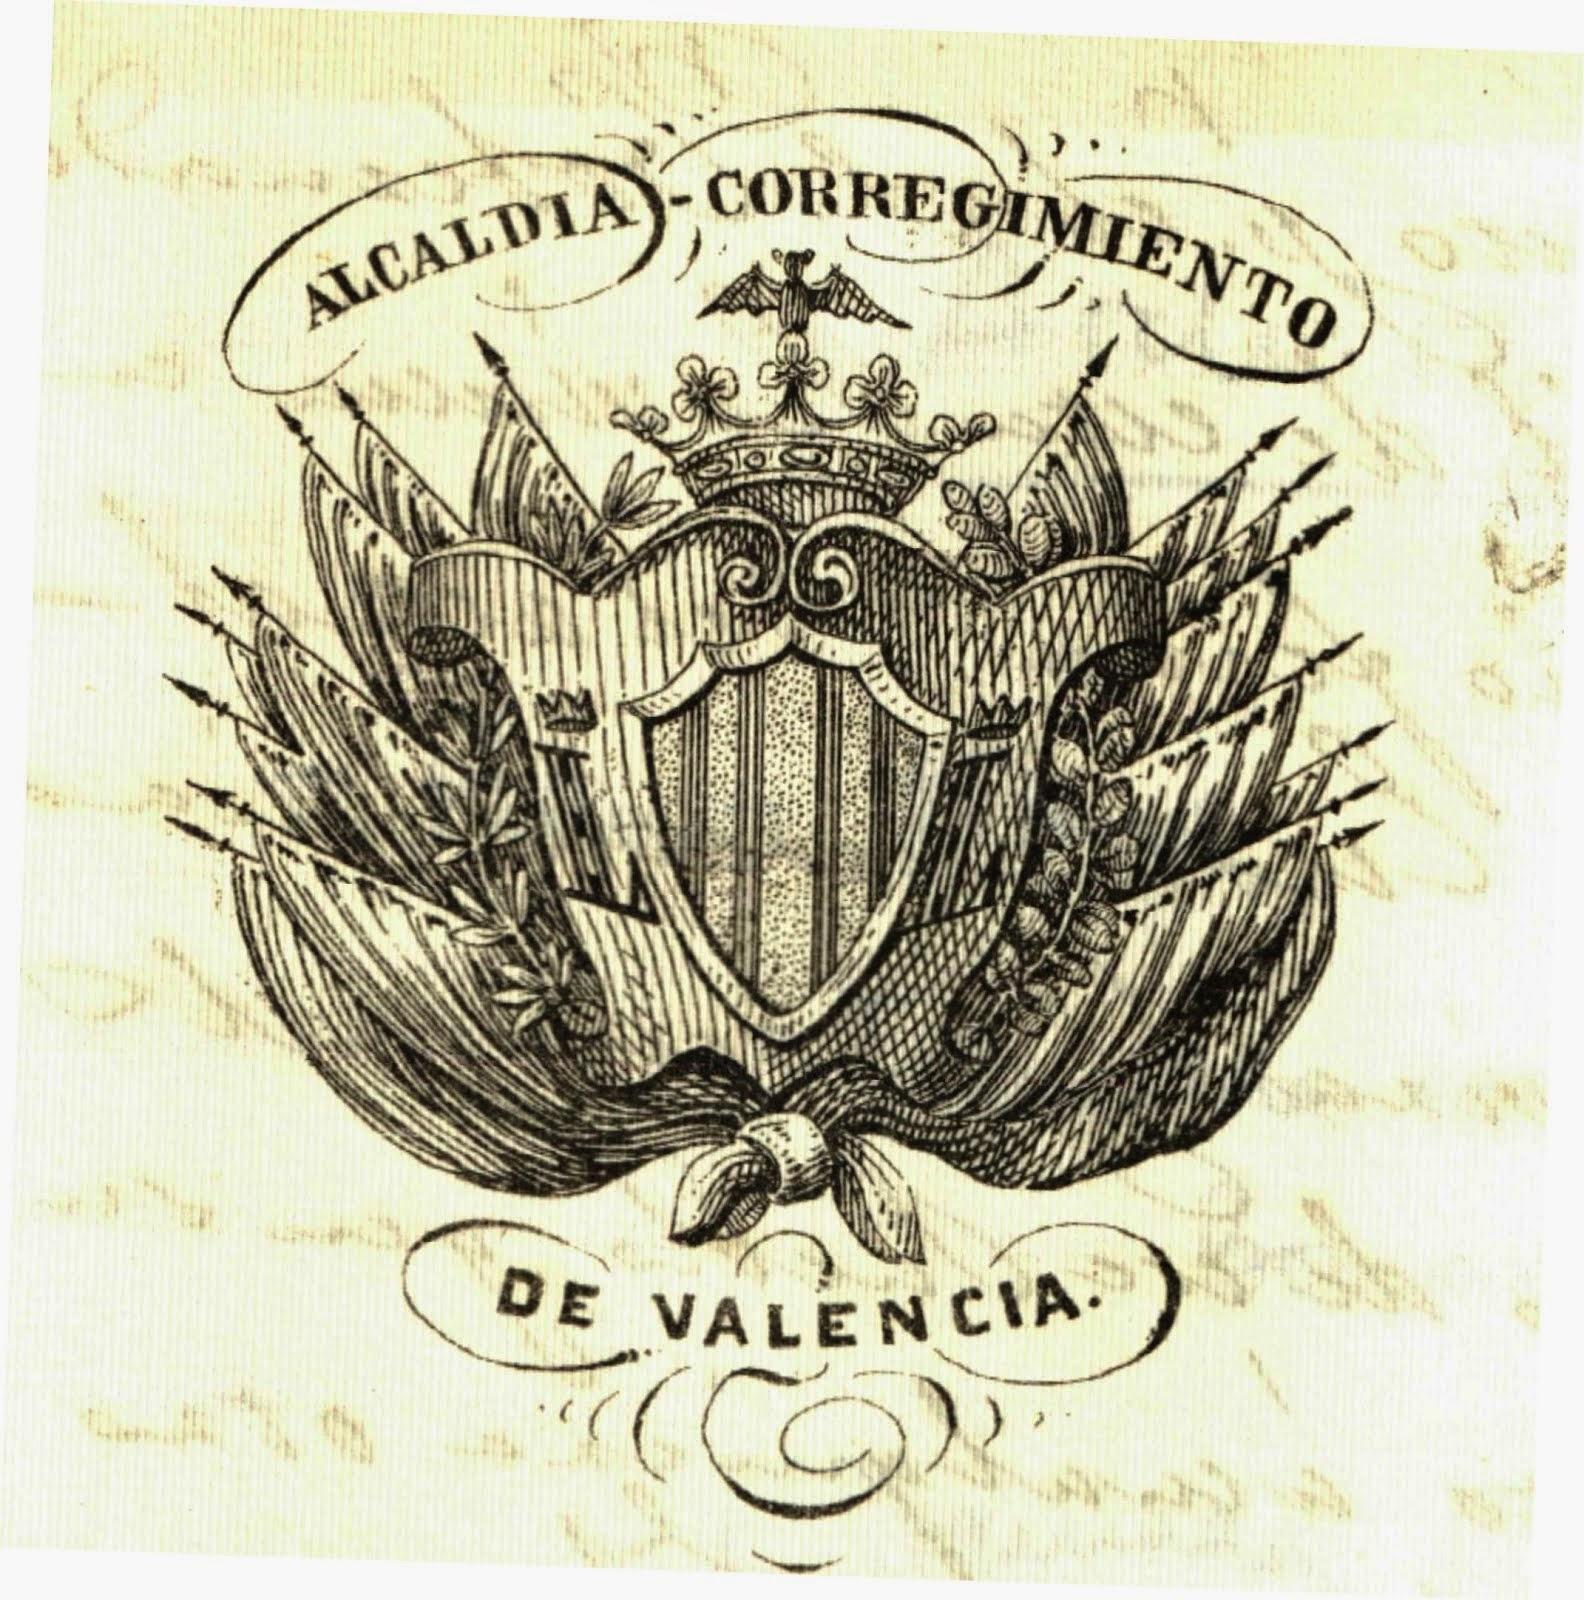 ESCUDOS, SELLOS Y MEMBRETES DE VALENCIA